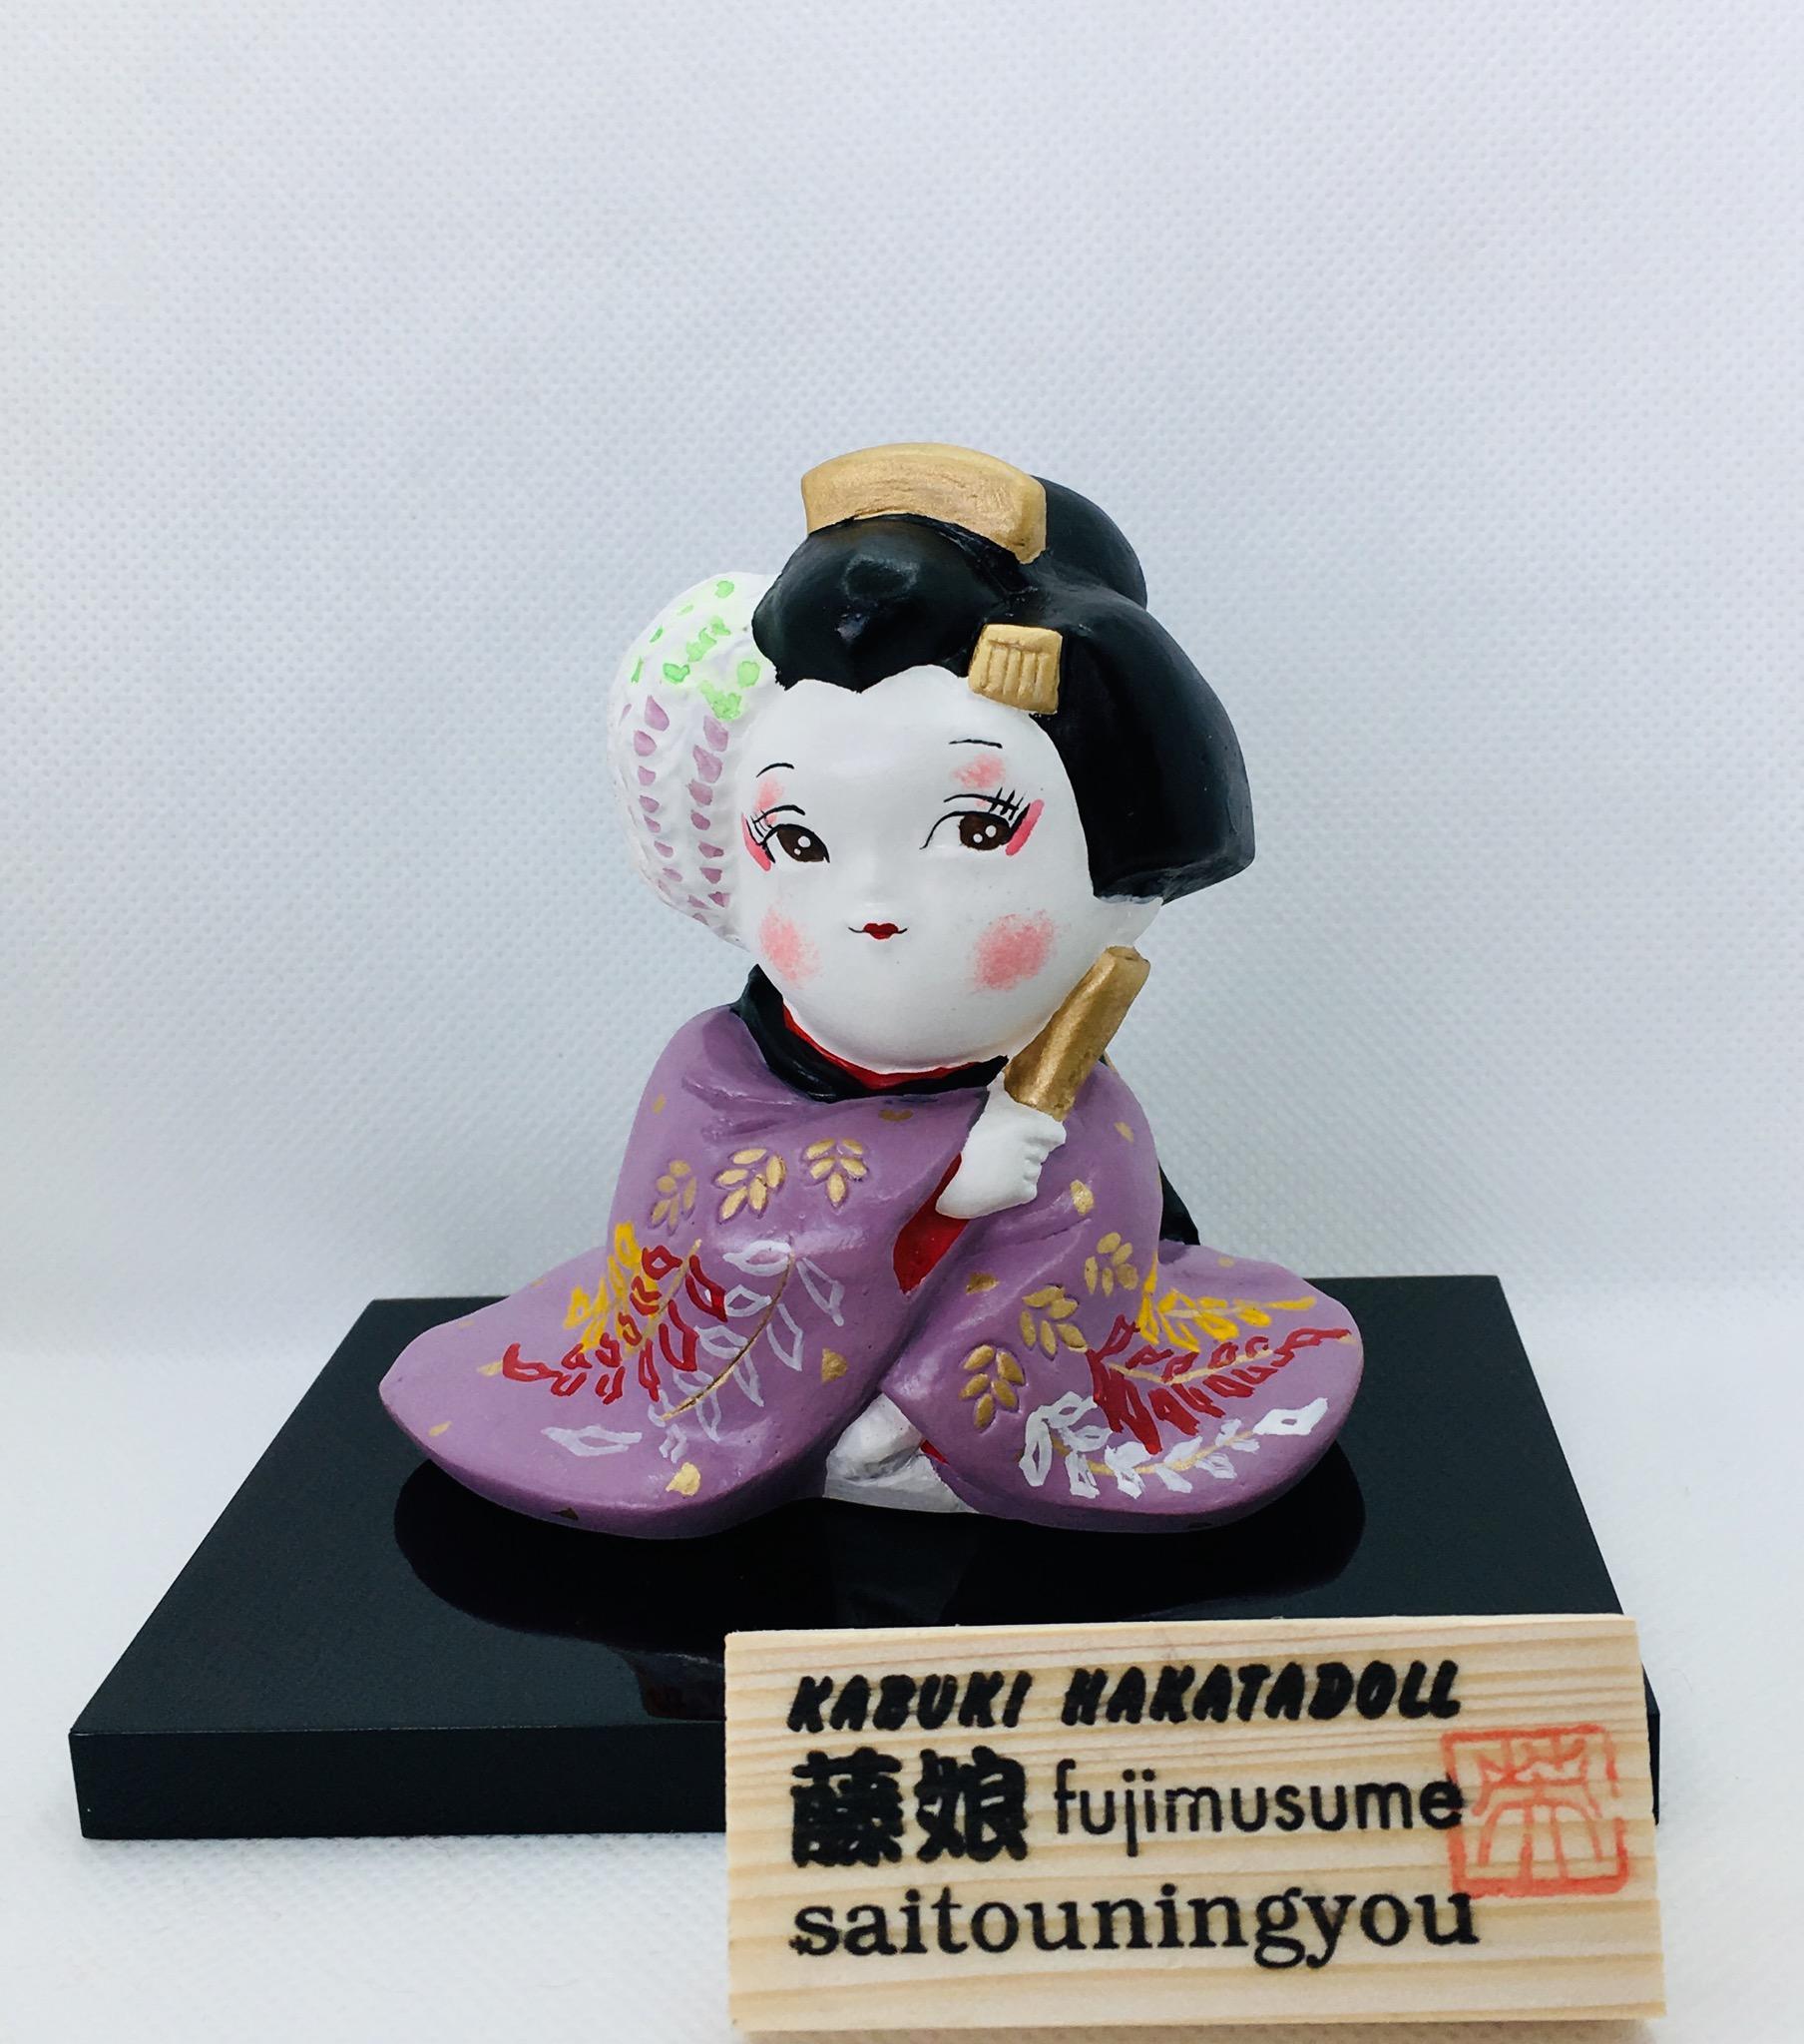 KABUKI HAKATADOLL 藤娘     高さ約9㎝  税込価格5280円   歌舞伎の舞踊の代表作ともいえる『藤娘』様々な着物に変化(へんげ)しますが、その中のひとつ、藤色の着物を纏っている姿を、わらべもの見立てで博多人形の技法を用いて作りました。   お部屋に華やかな彩りを施したい方におススメ致します。